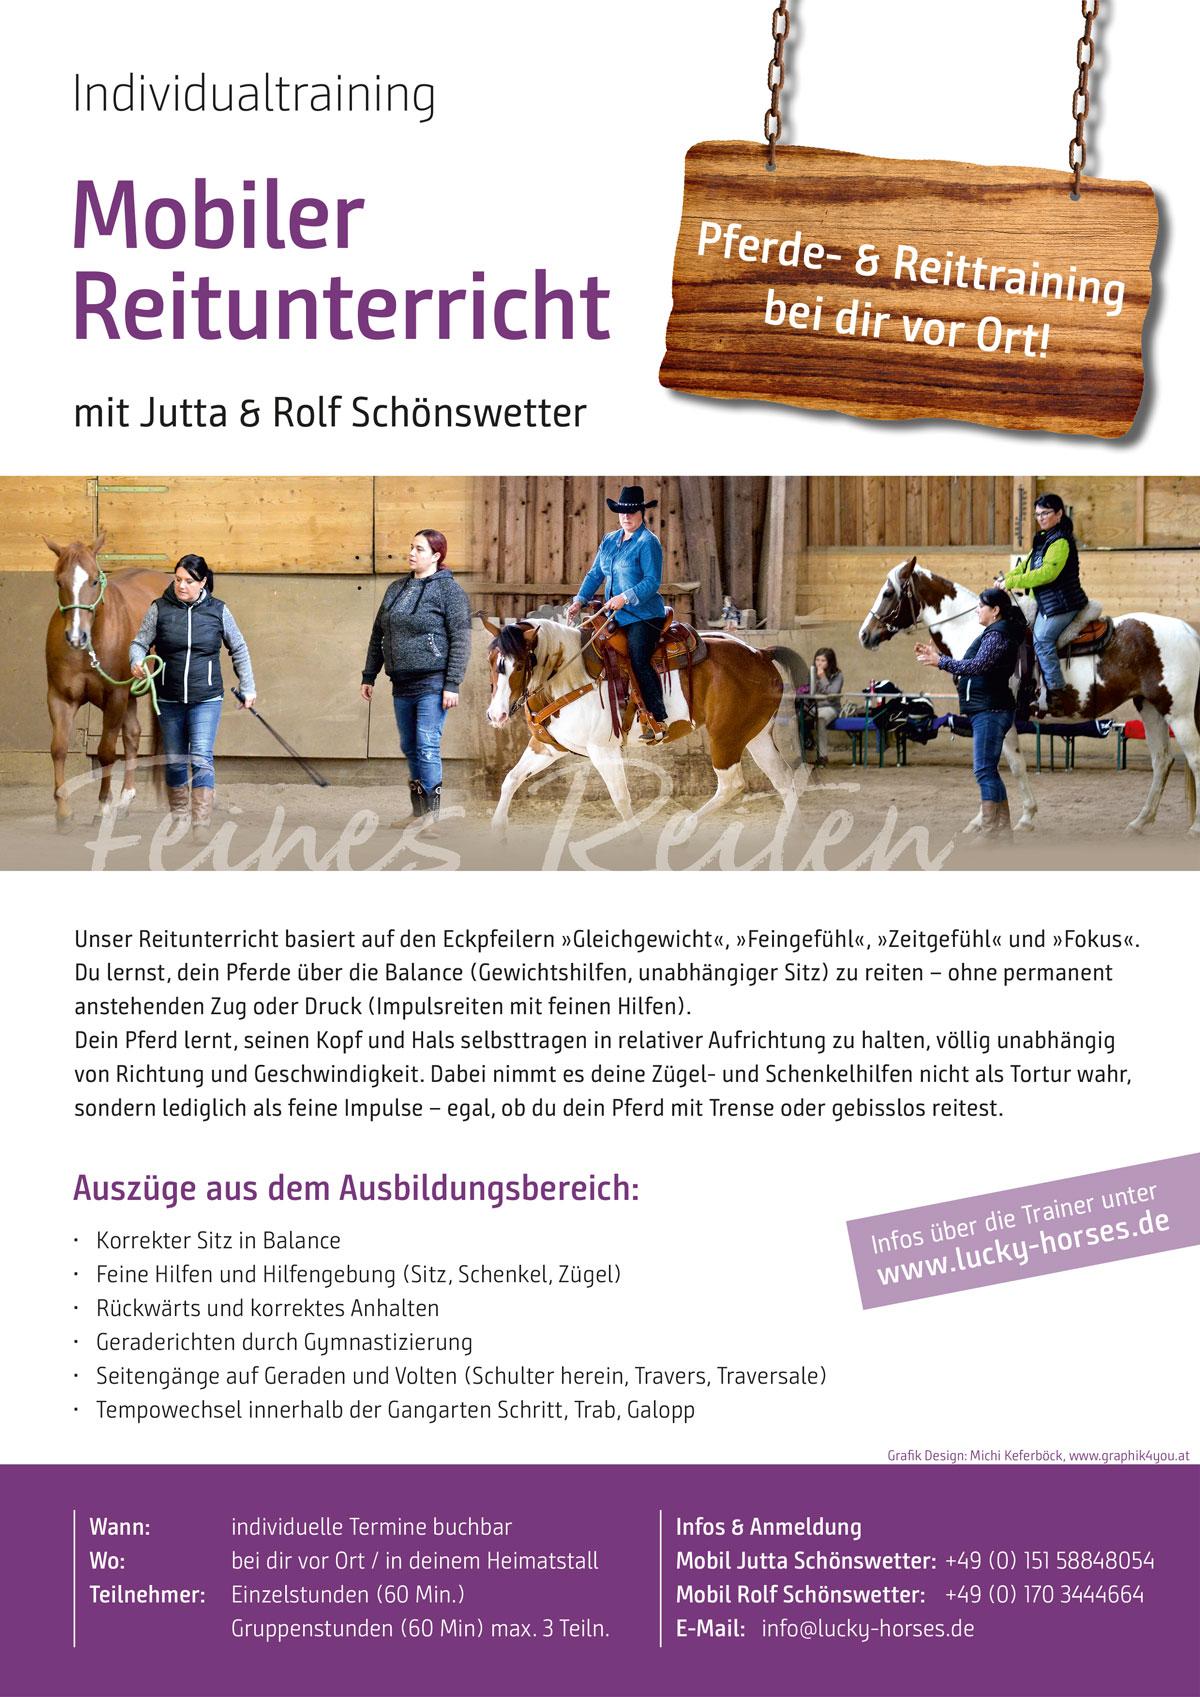 Jutta und Rolf Schönswetter: mobiler Reitunterricht